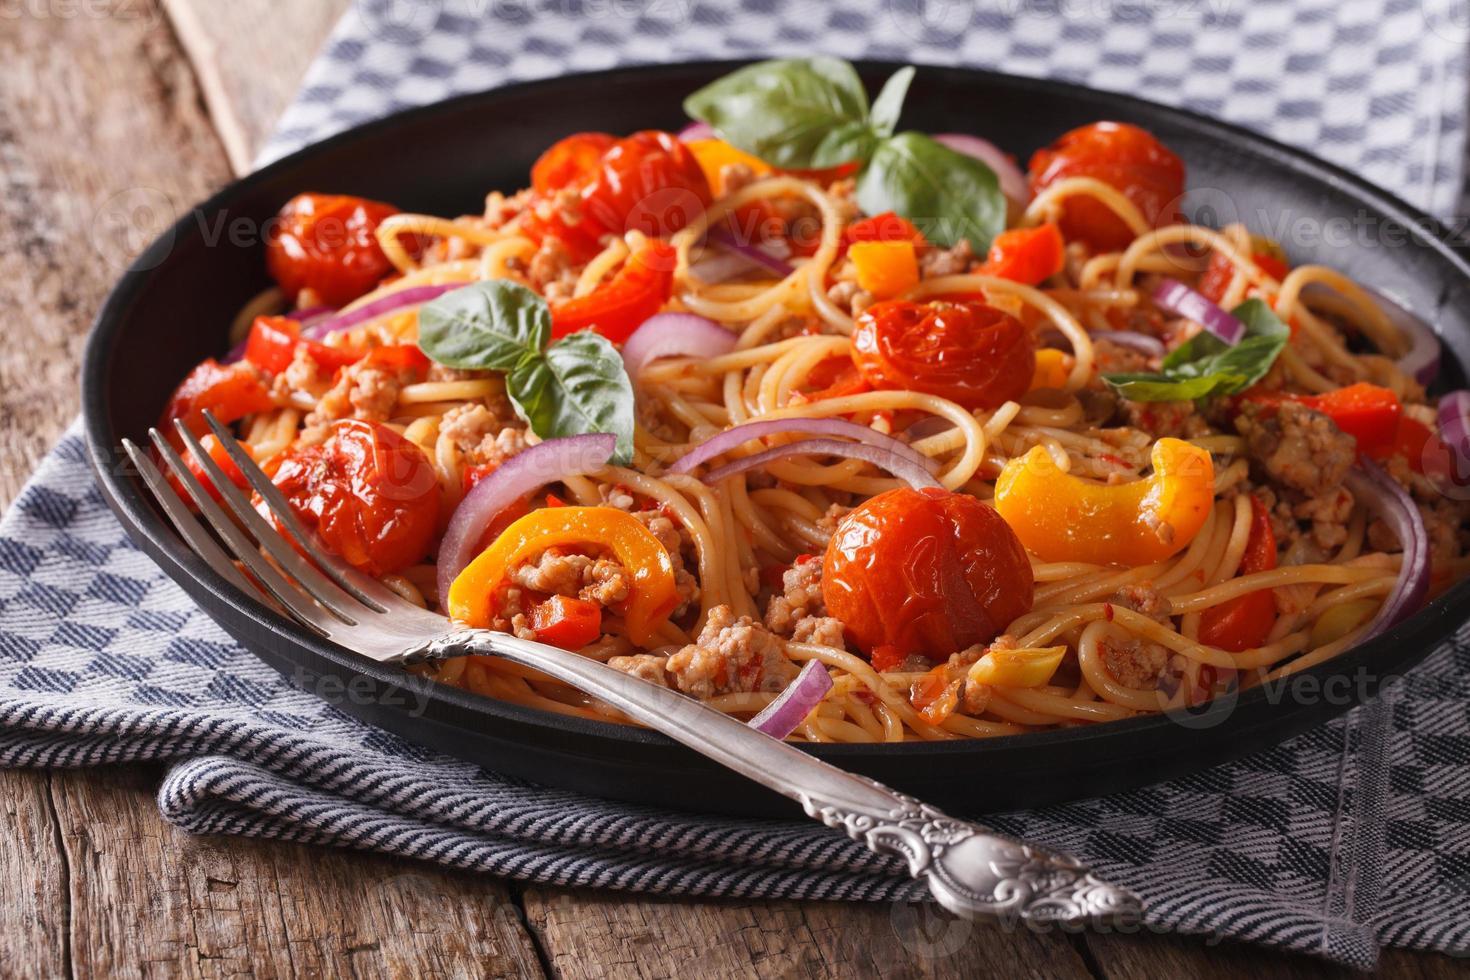 pâtes avec viande hachée et légumes gros plan horizontal photo